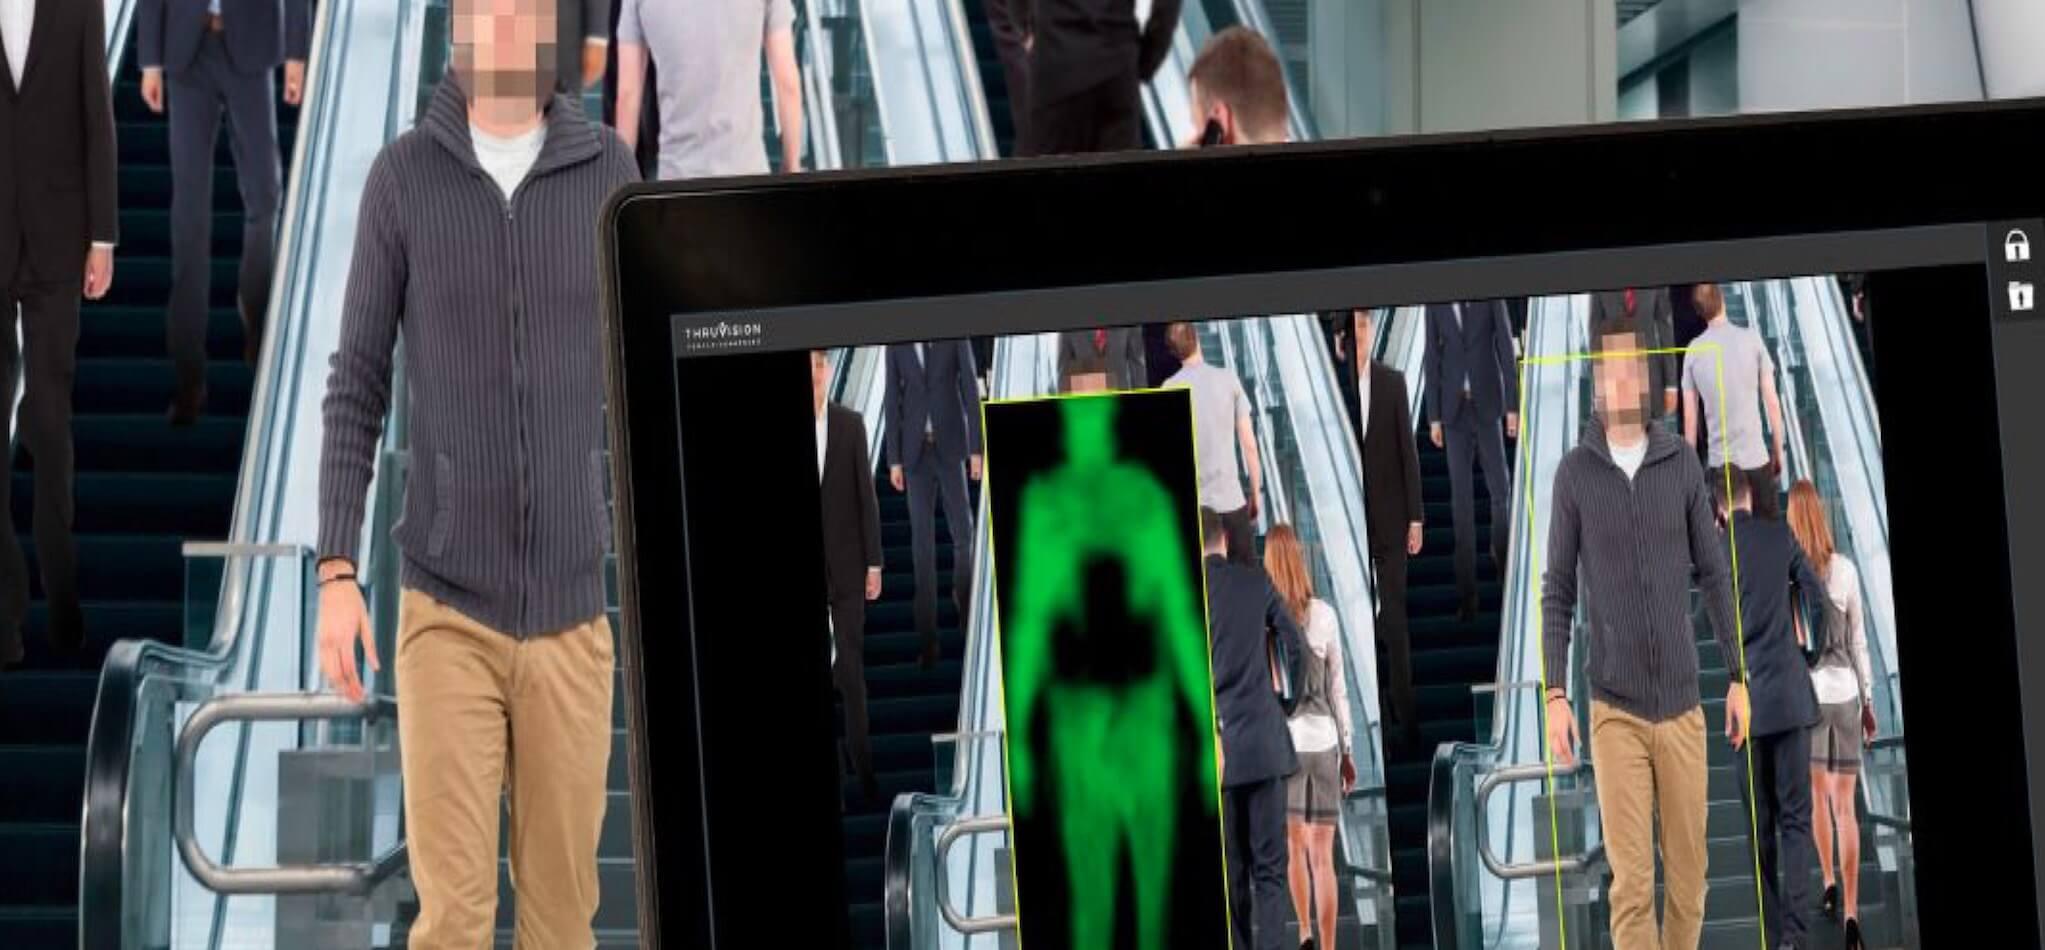 Побачити все: сканування пасажирів в метро США